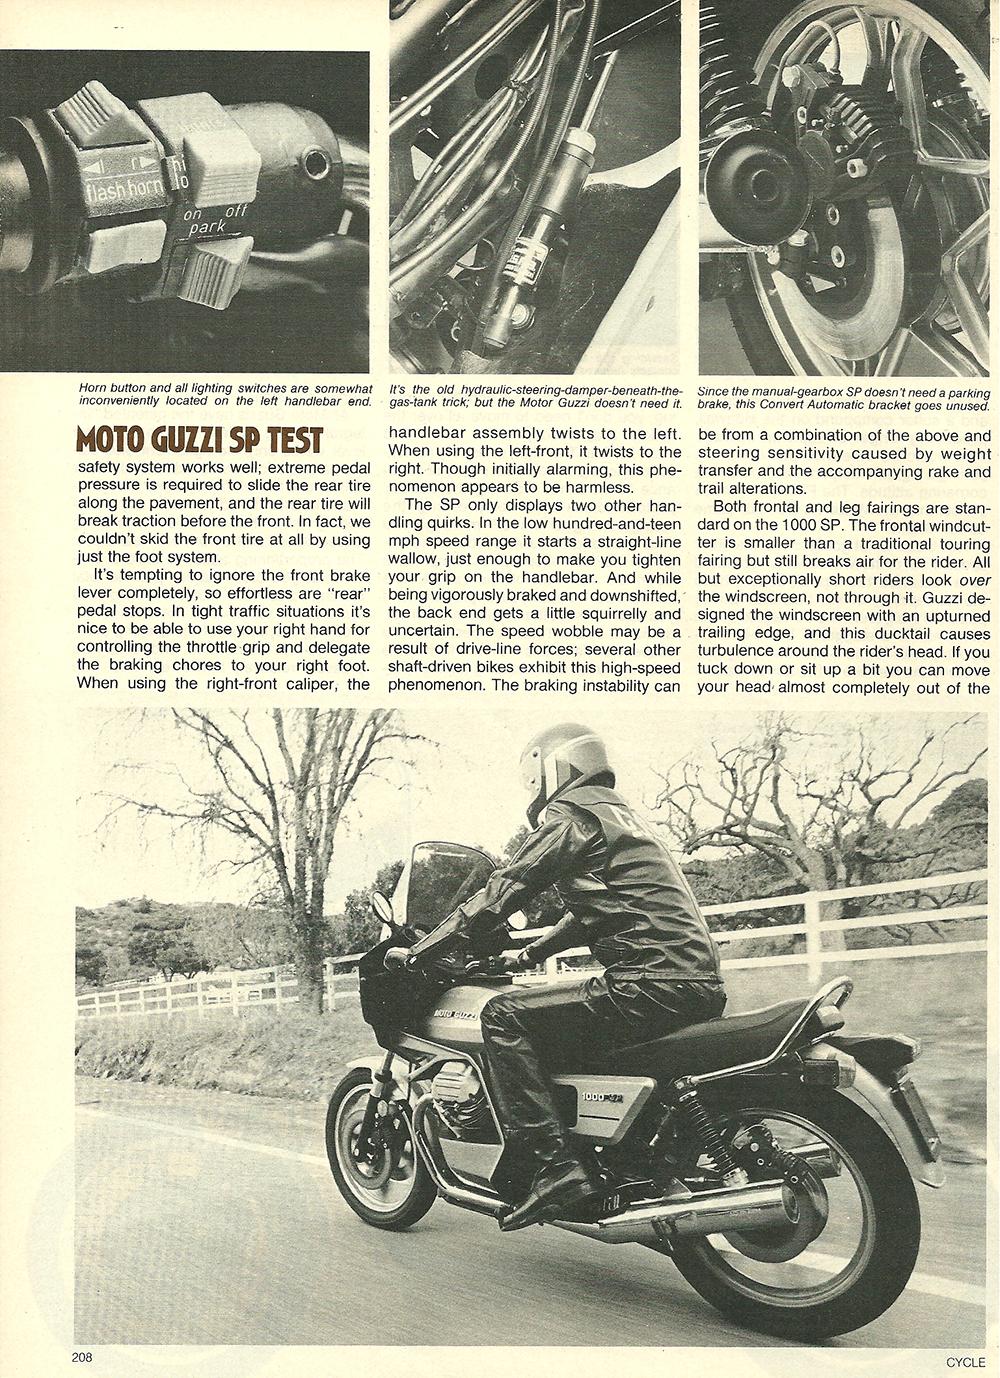 1979 Moto Guzzi 1000 SP road test 07.jpg